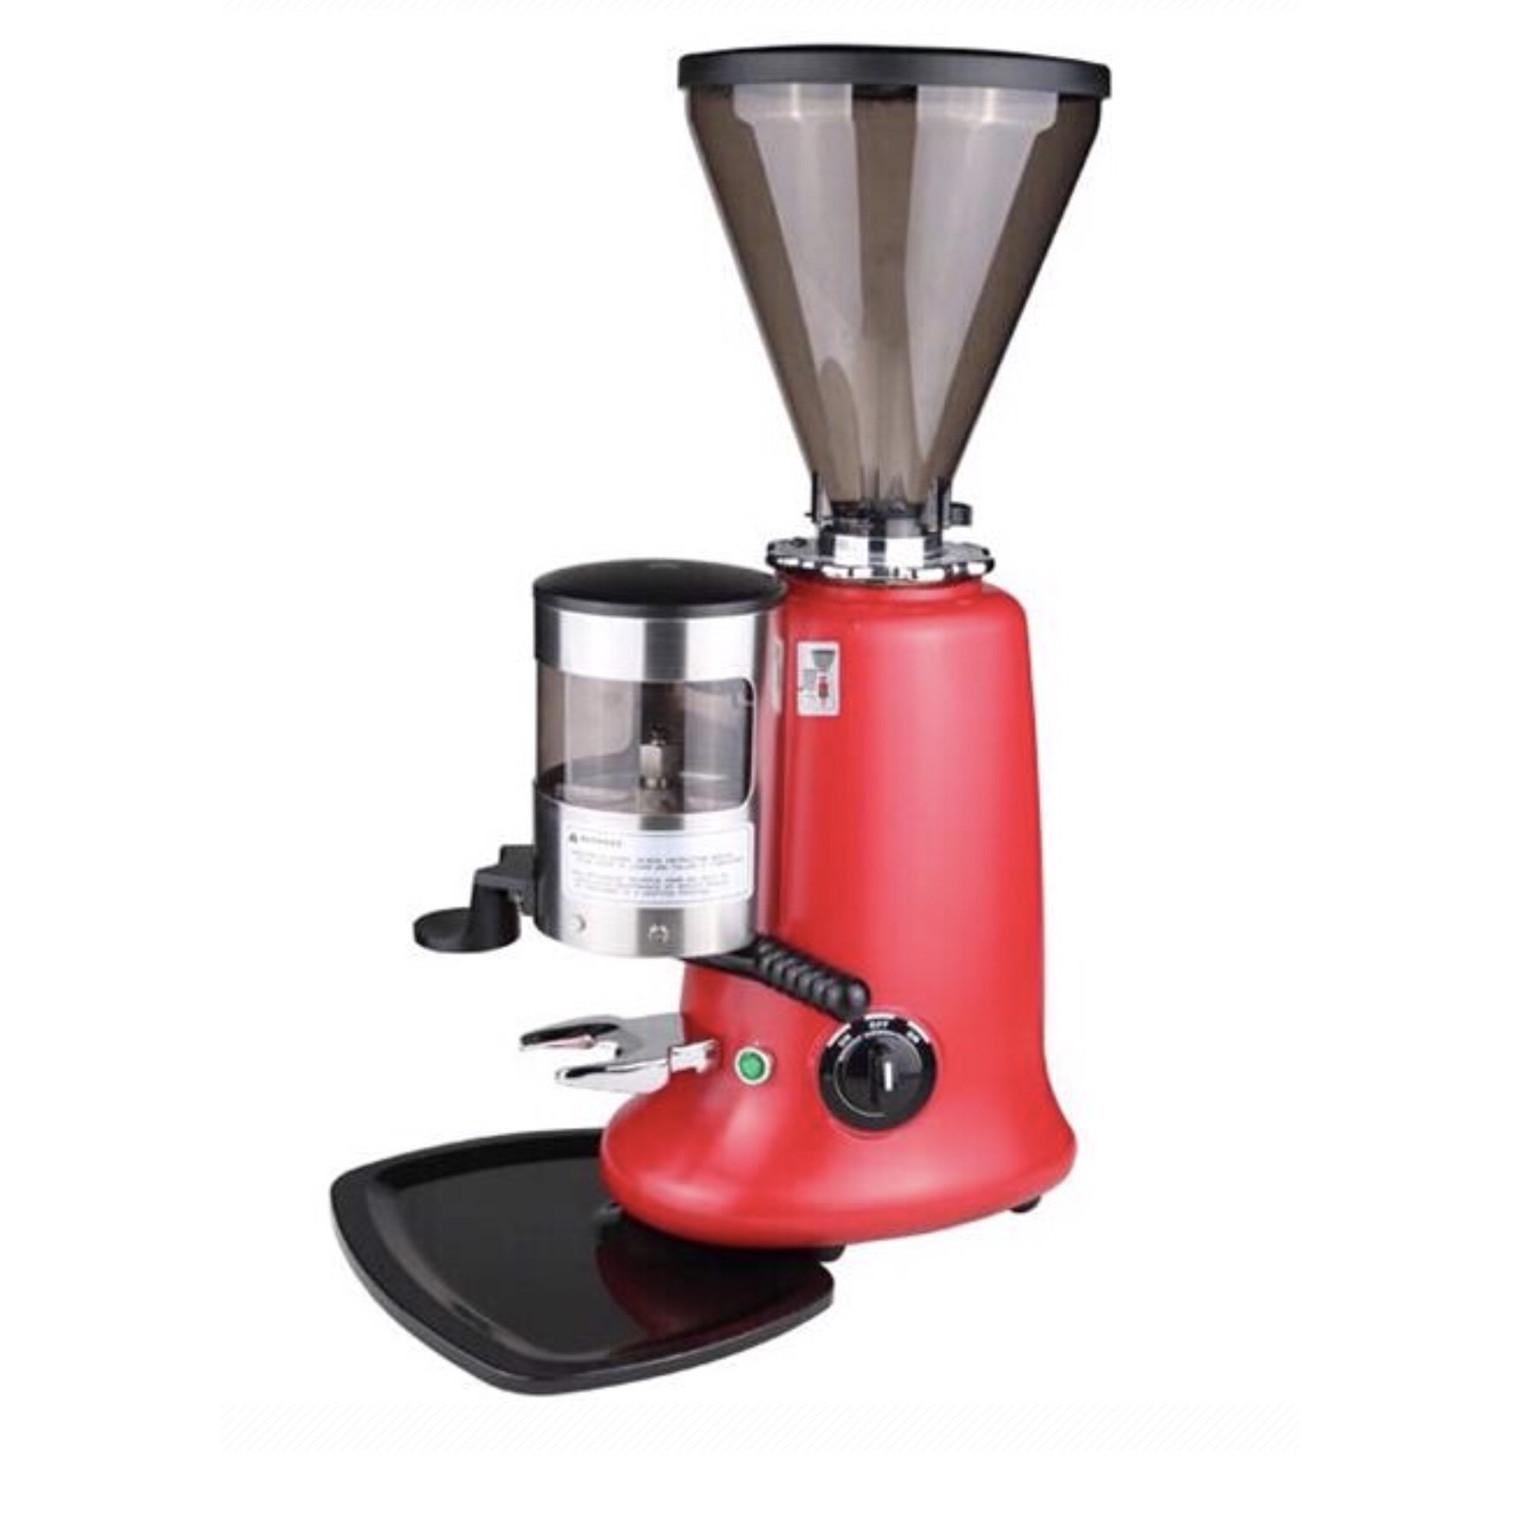 Máy xay cà phê SM F5- màu đỏ